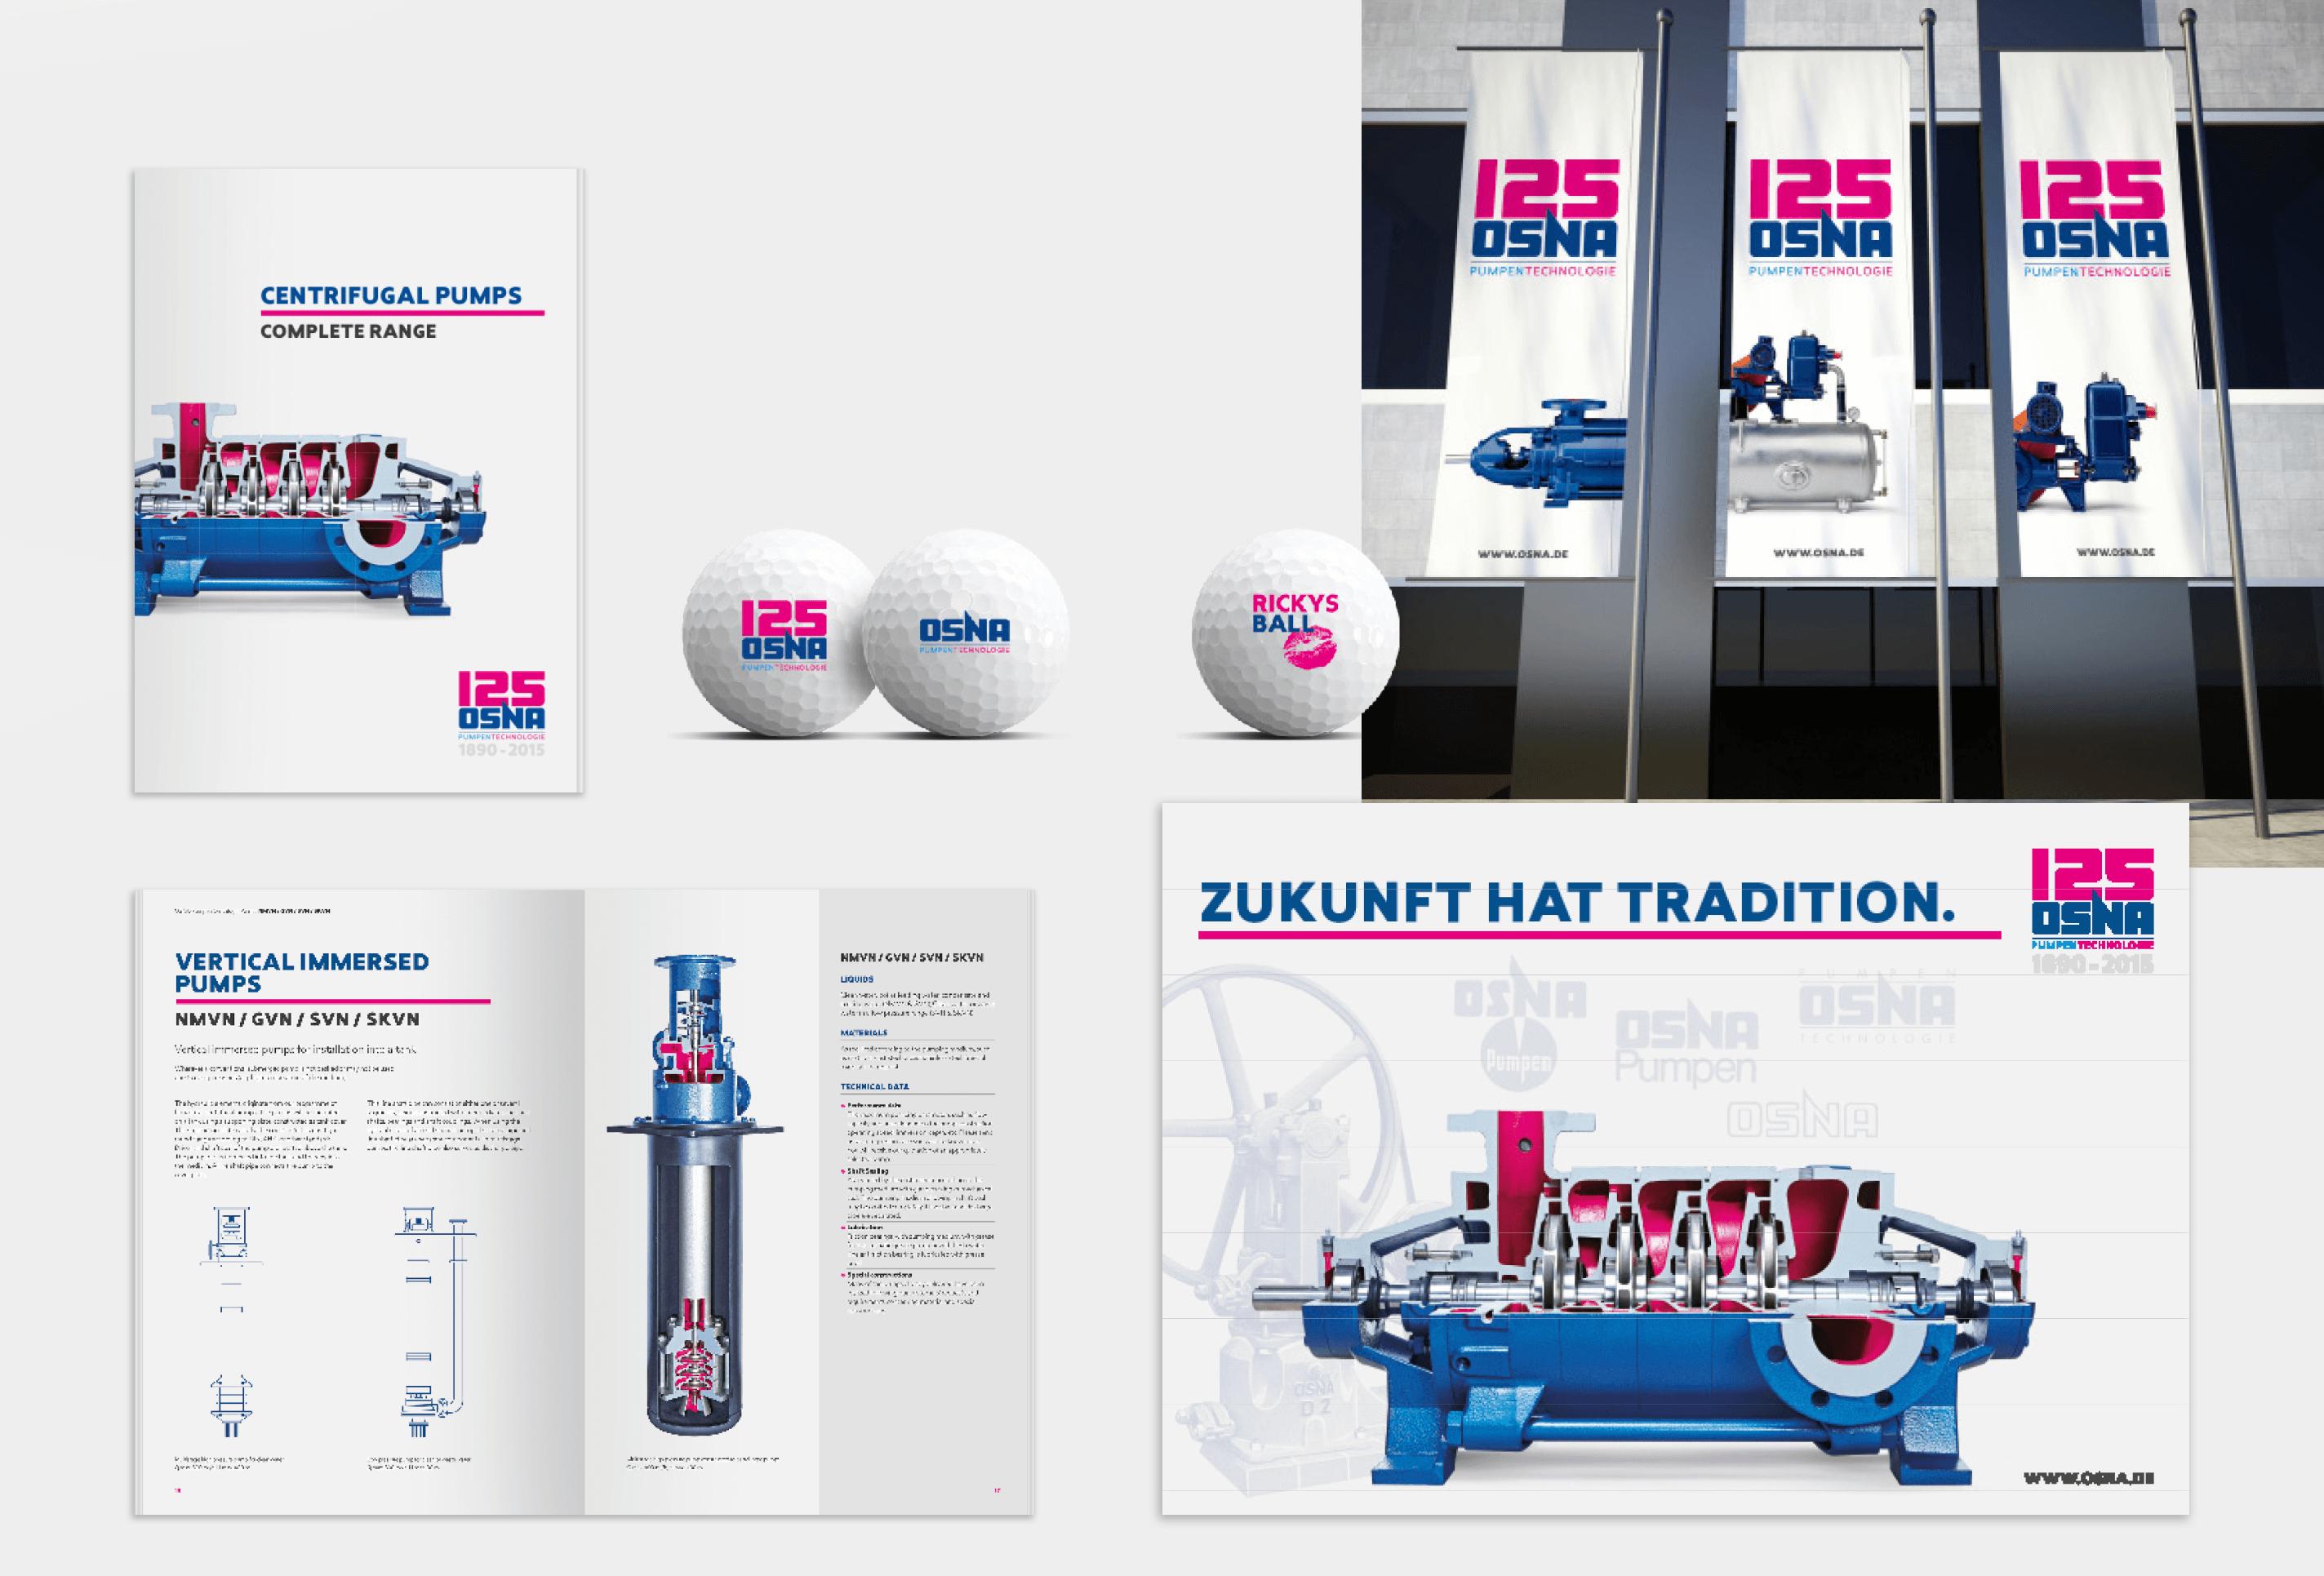 OSNA-Pumpen Corporate Design gestaltet von team4media - Ihre Werbeagentur aus Osnabrück